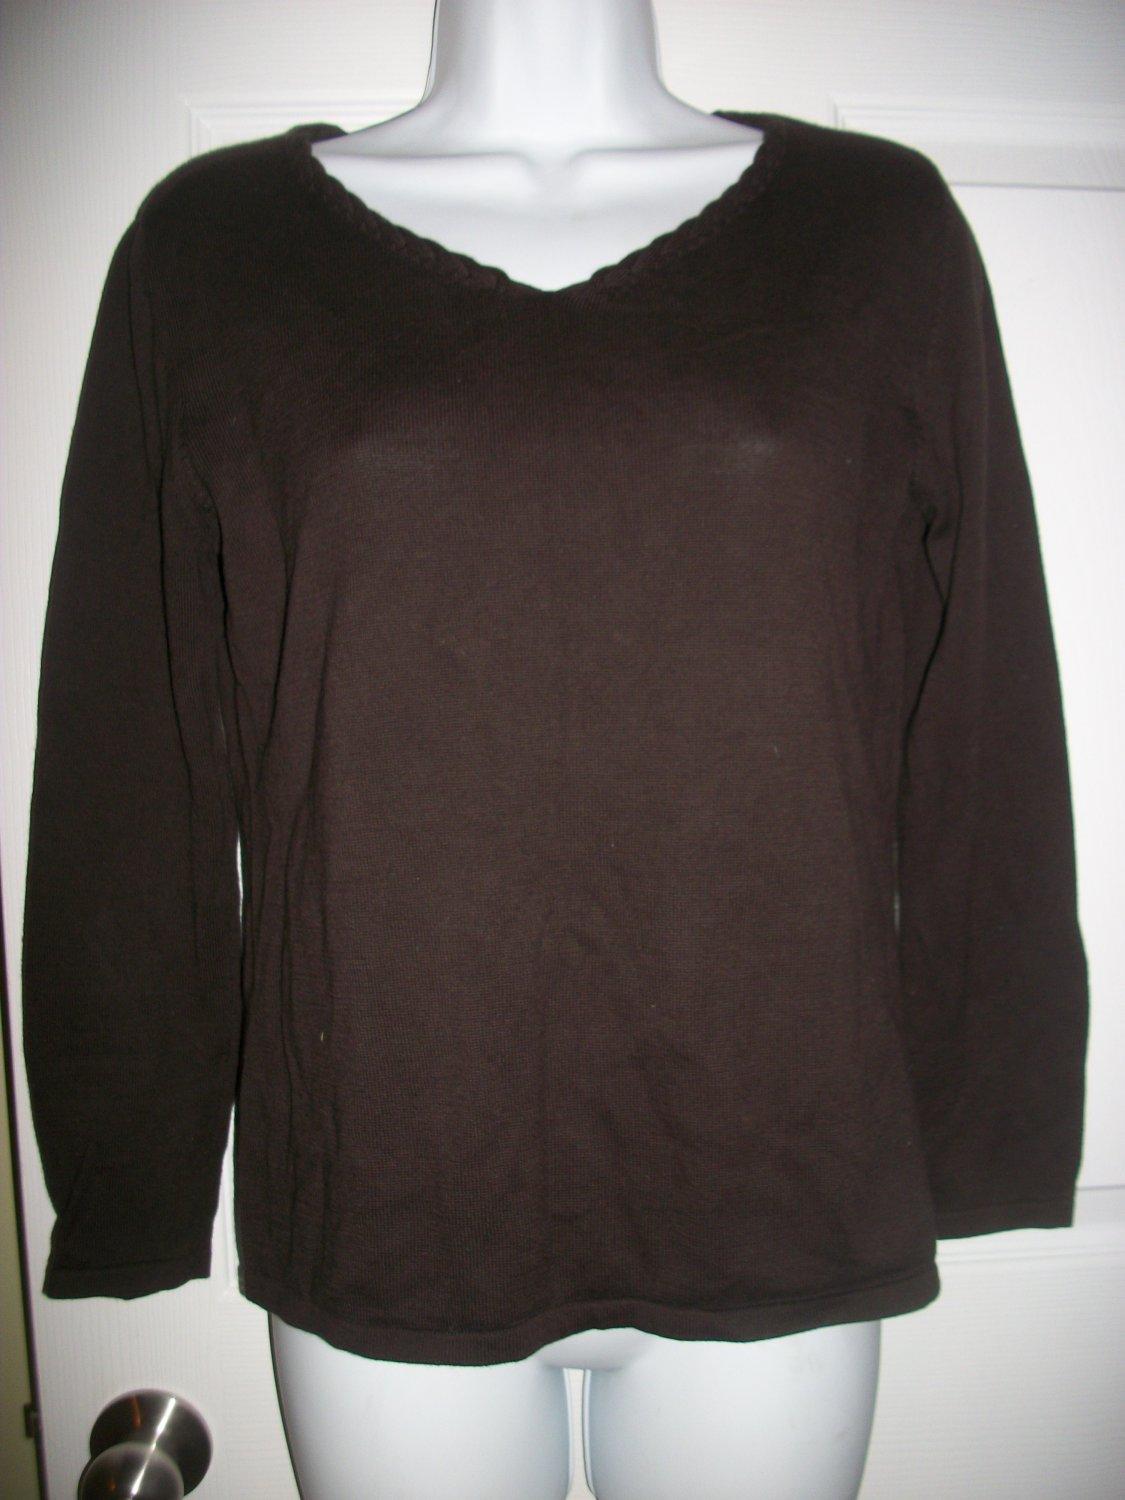 J.. Jill Women's Brown Lightweight Sweater Size S